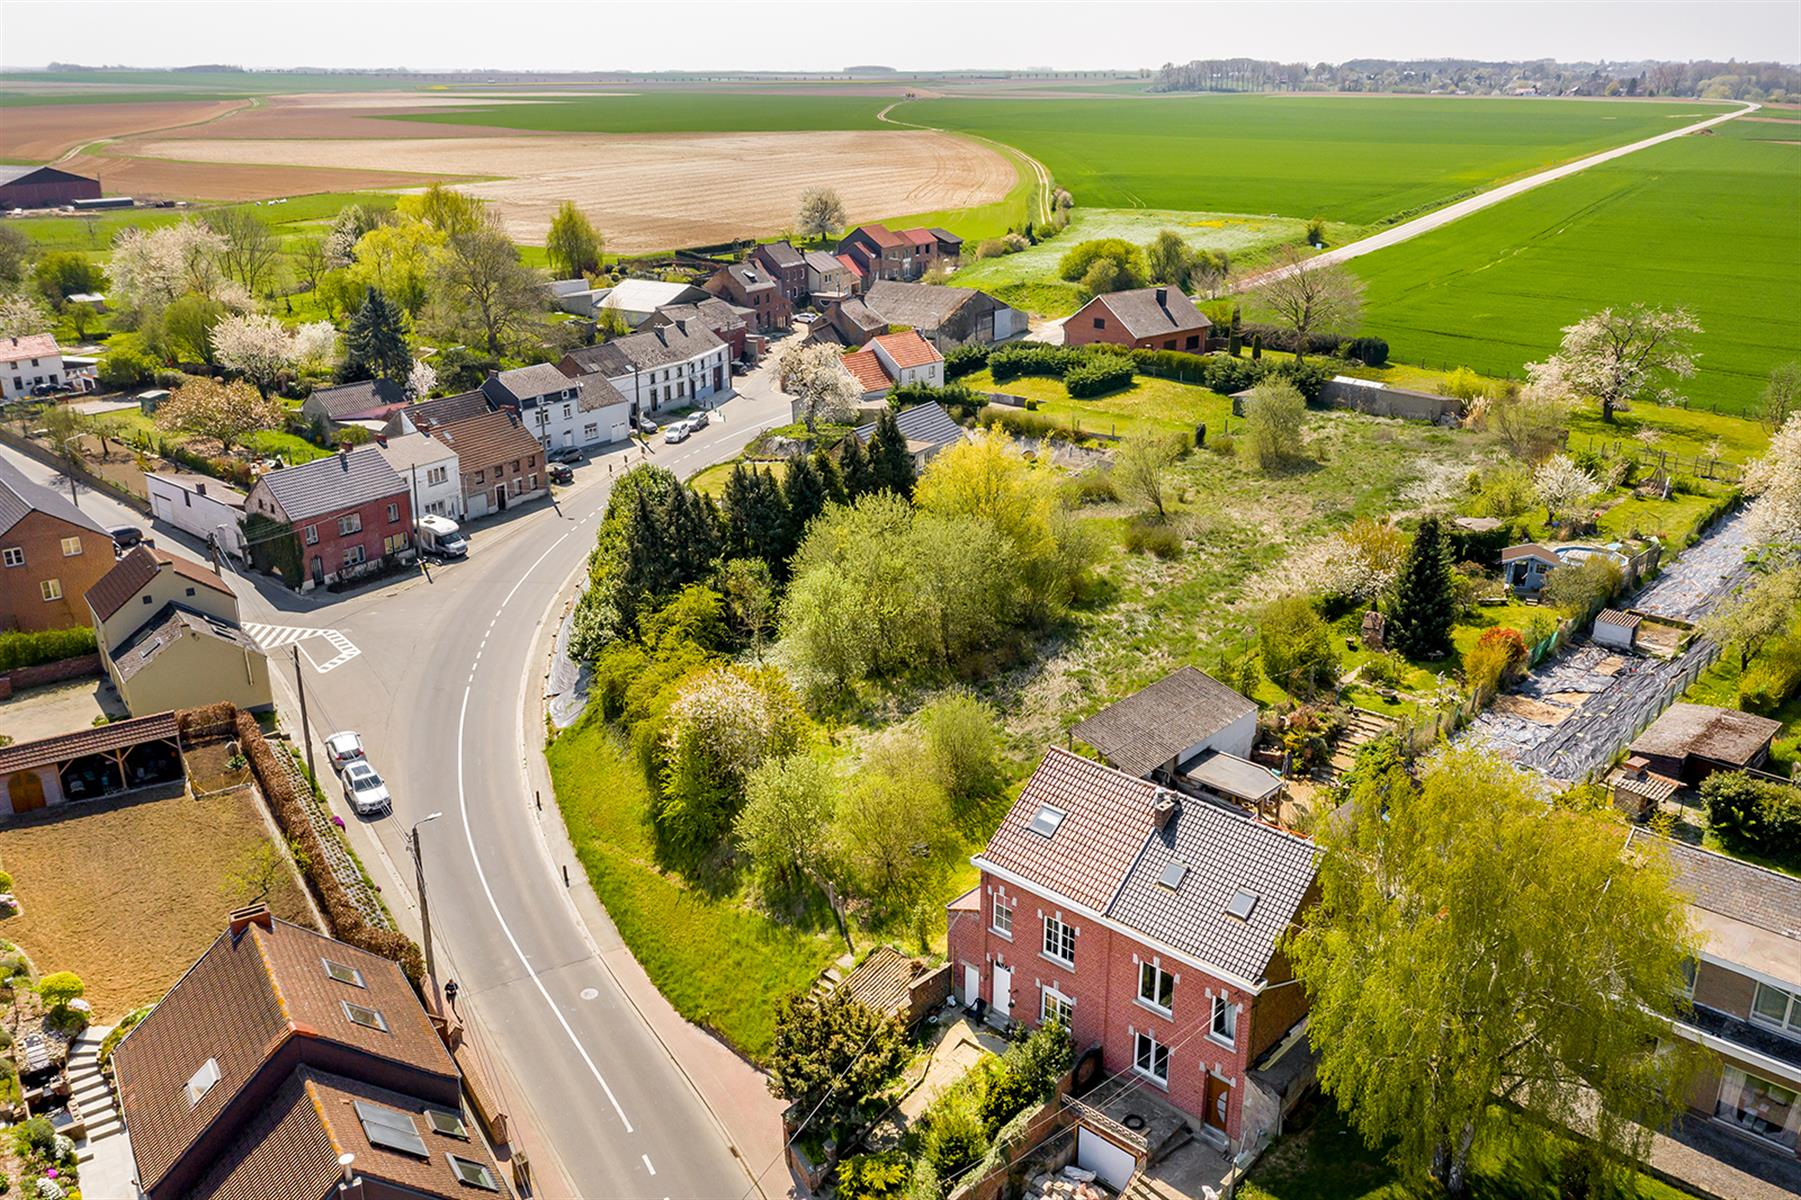 Terrain à bâtir - Orp-Jauche - #4343598-9